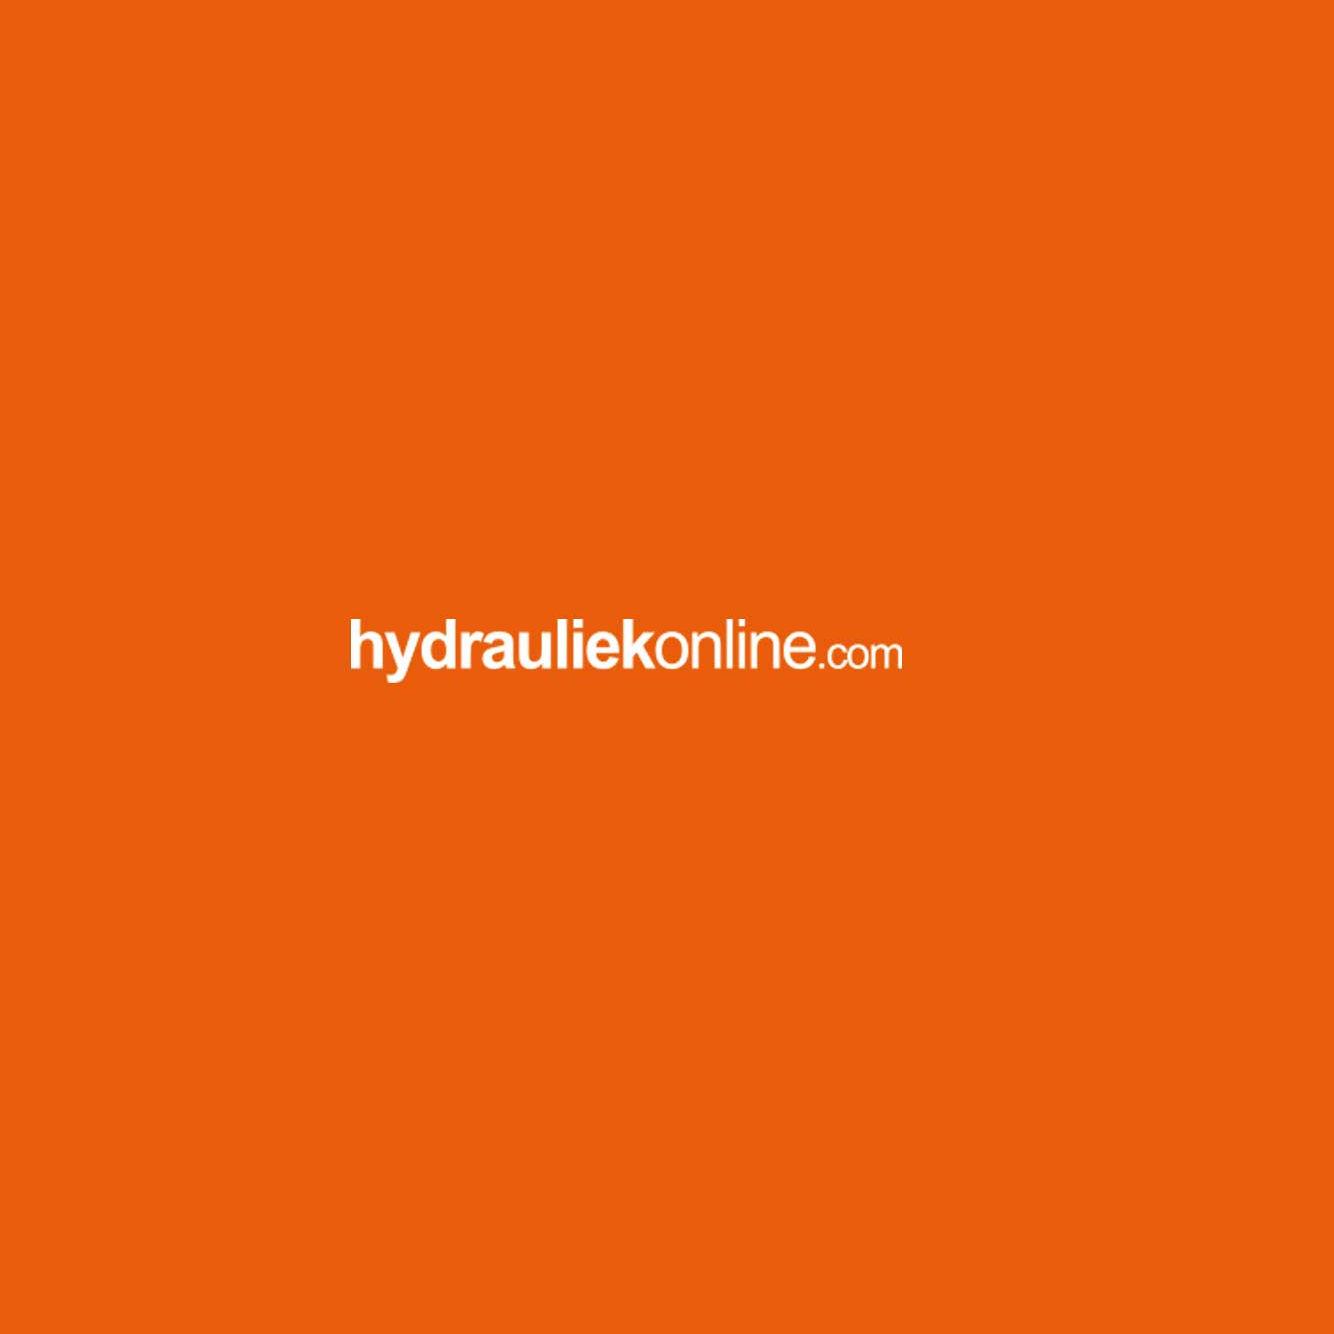 hydrauliek-online-6743.jpg